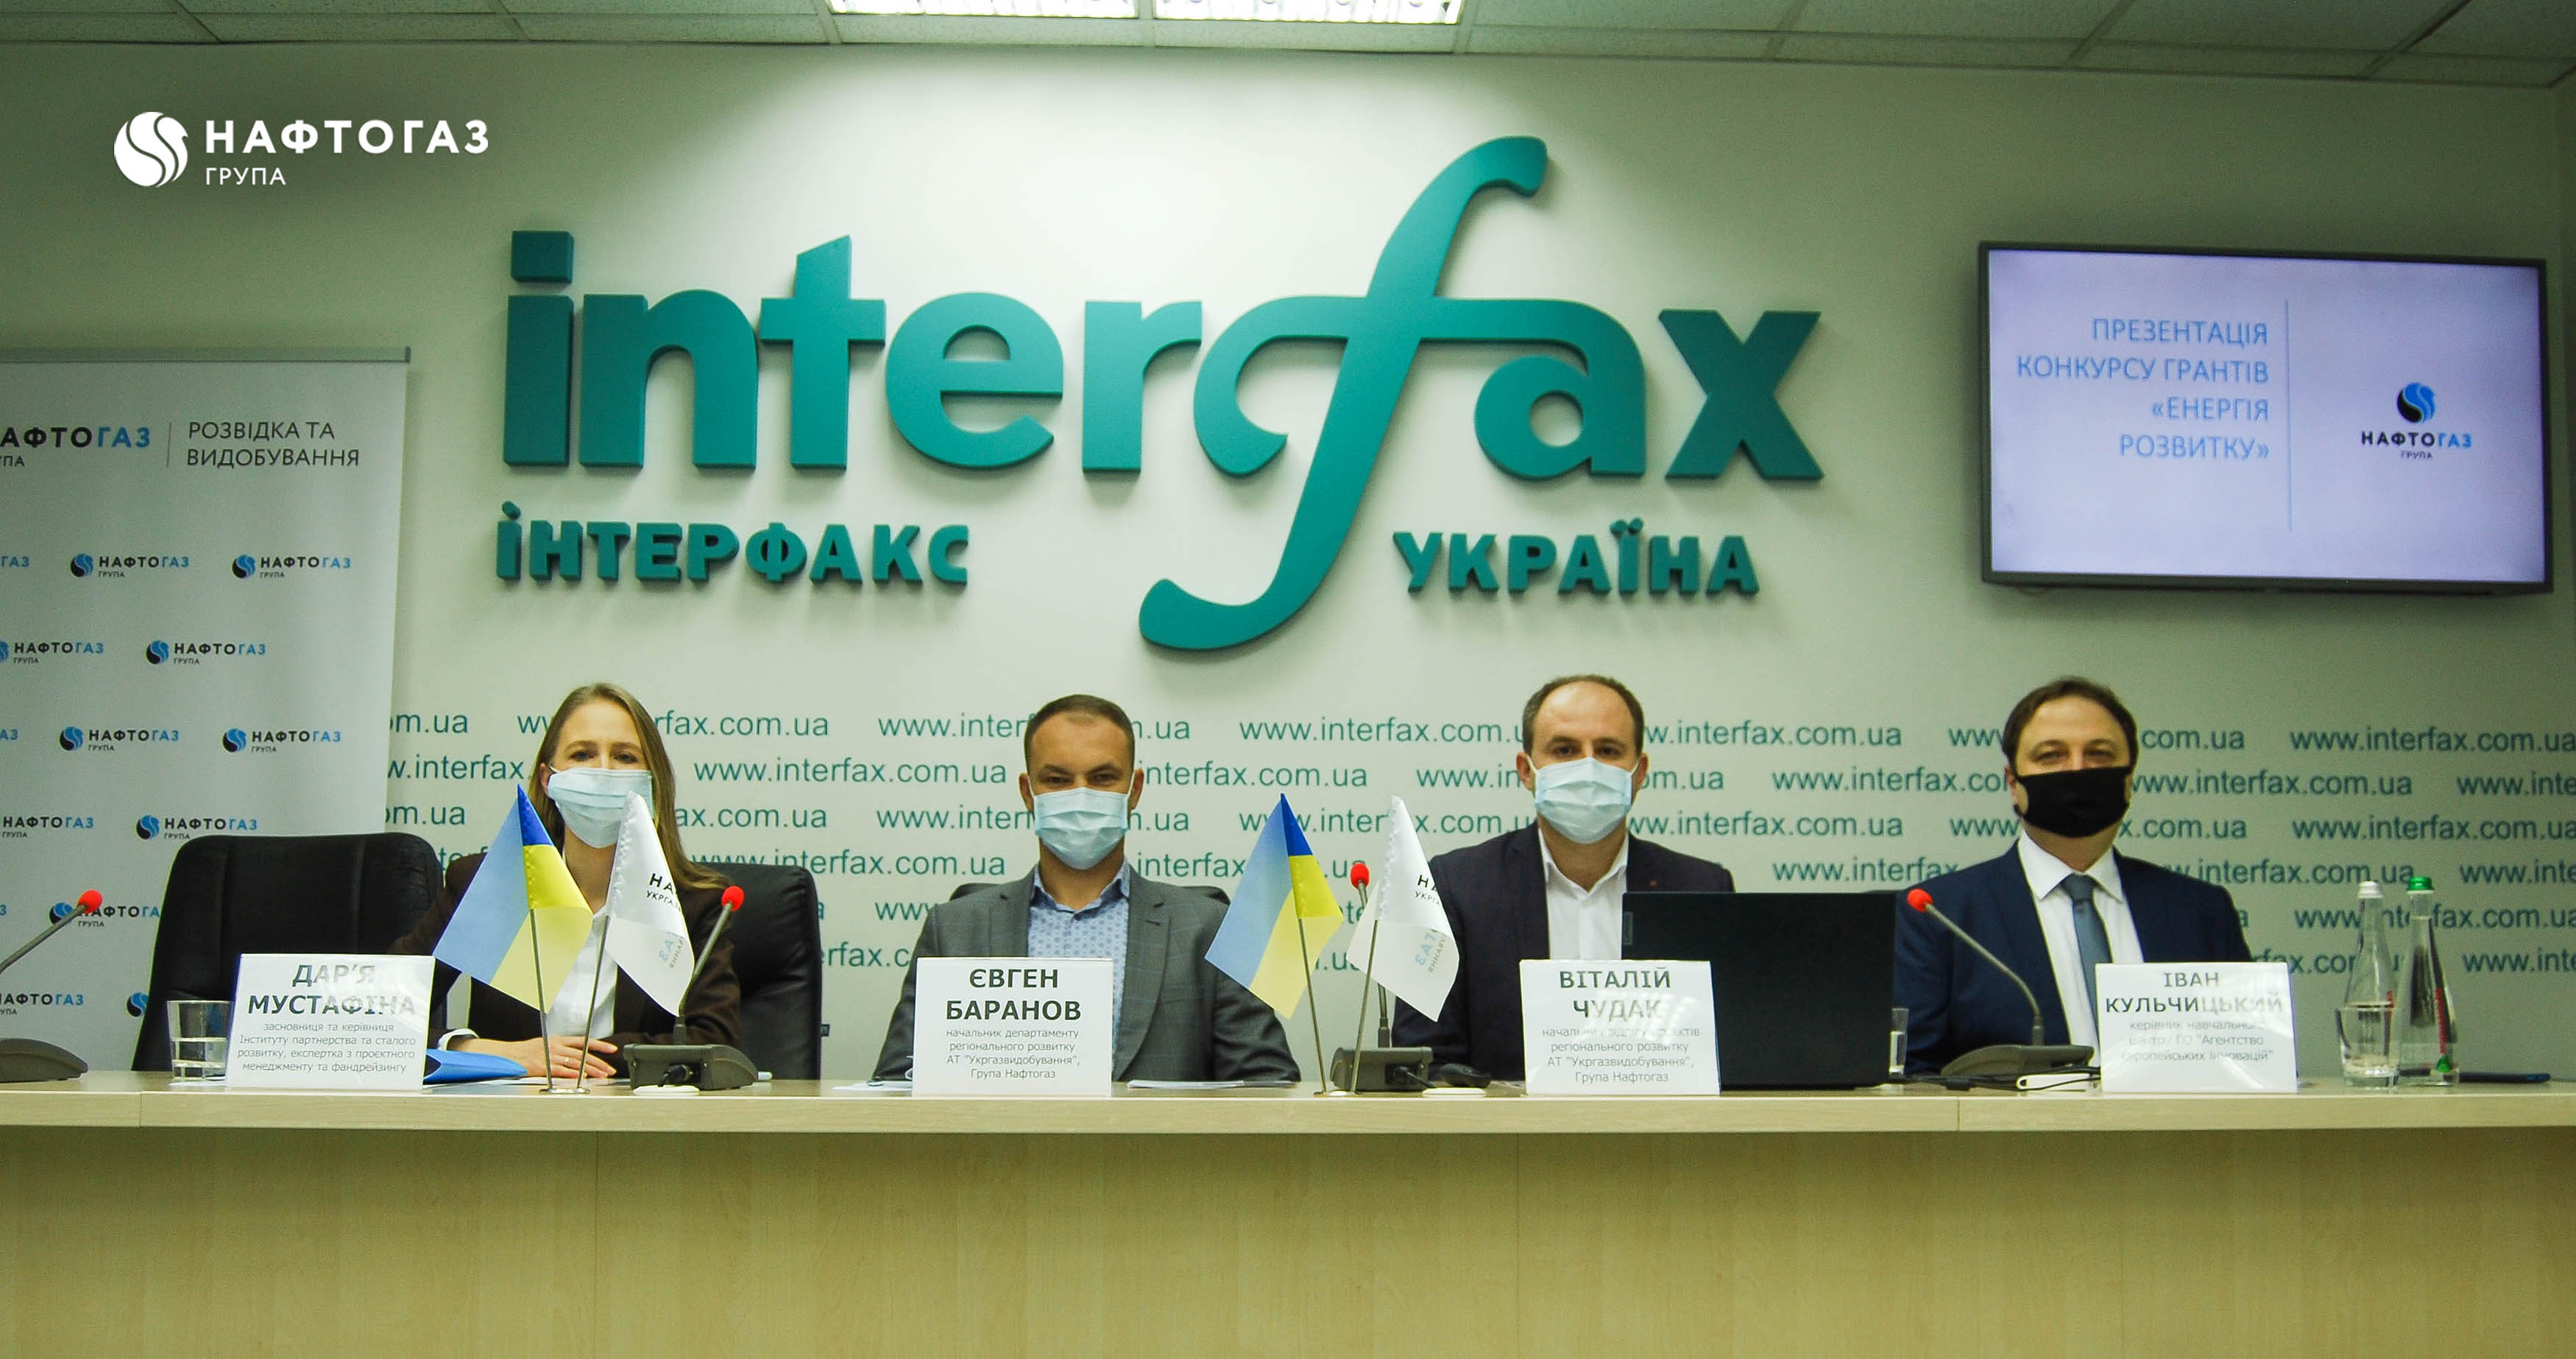 Нафтогаз запускає конкурс для громад з призовим фондом 5 млн грн